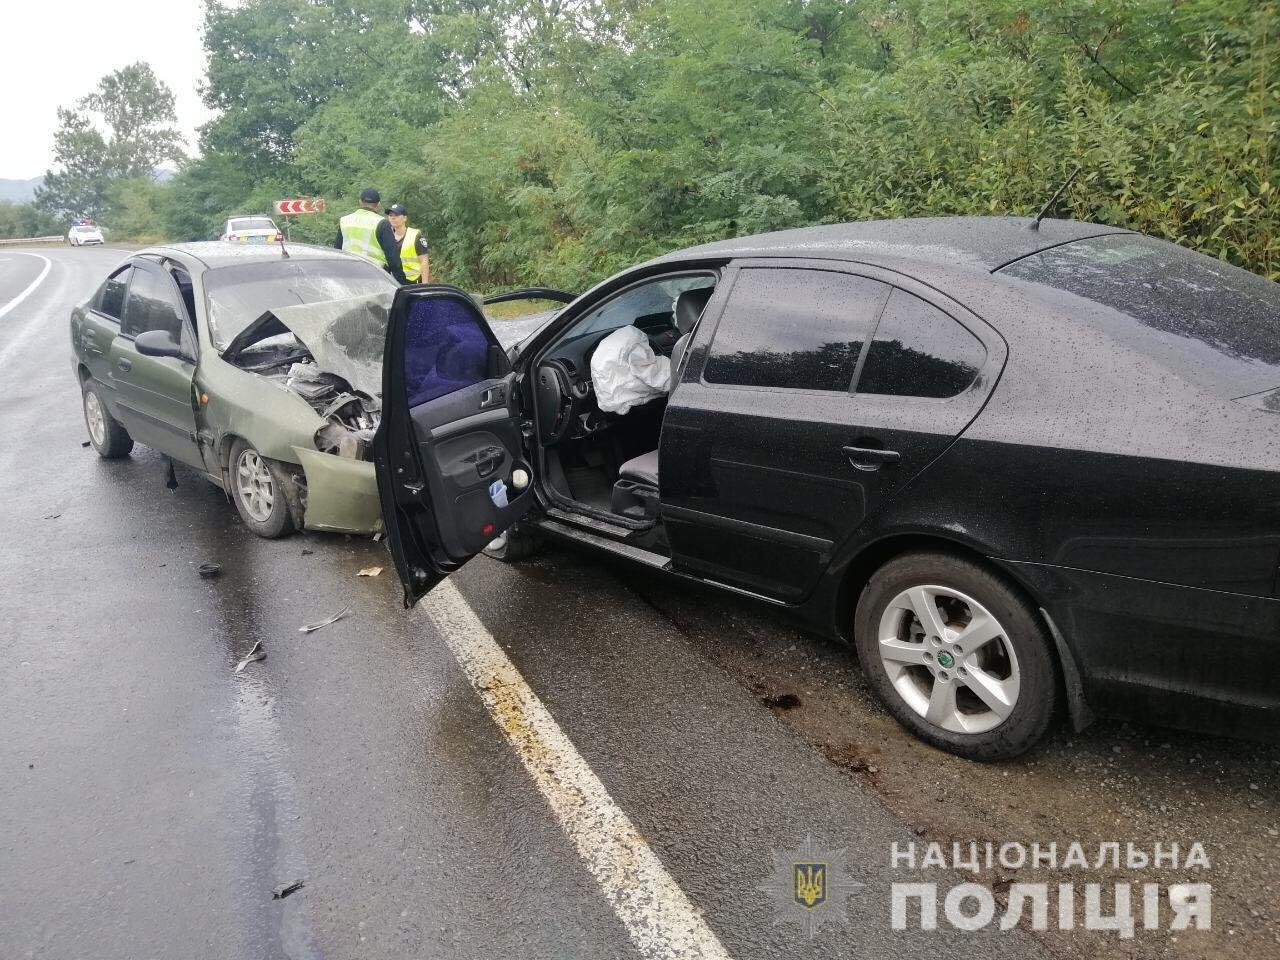 Смертельне ДТП на Мукачівщині: офіційні подробиці жахливої аварії із загиблим та 6-ма потерпілими (ФОТО), фото-1